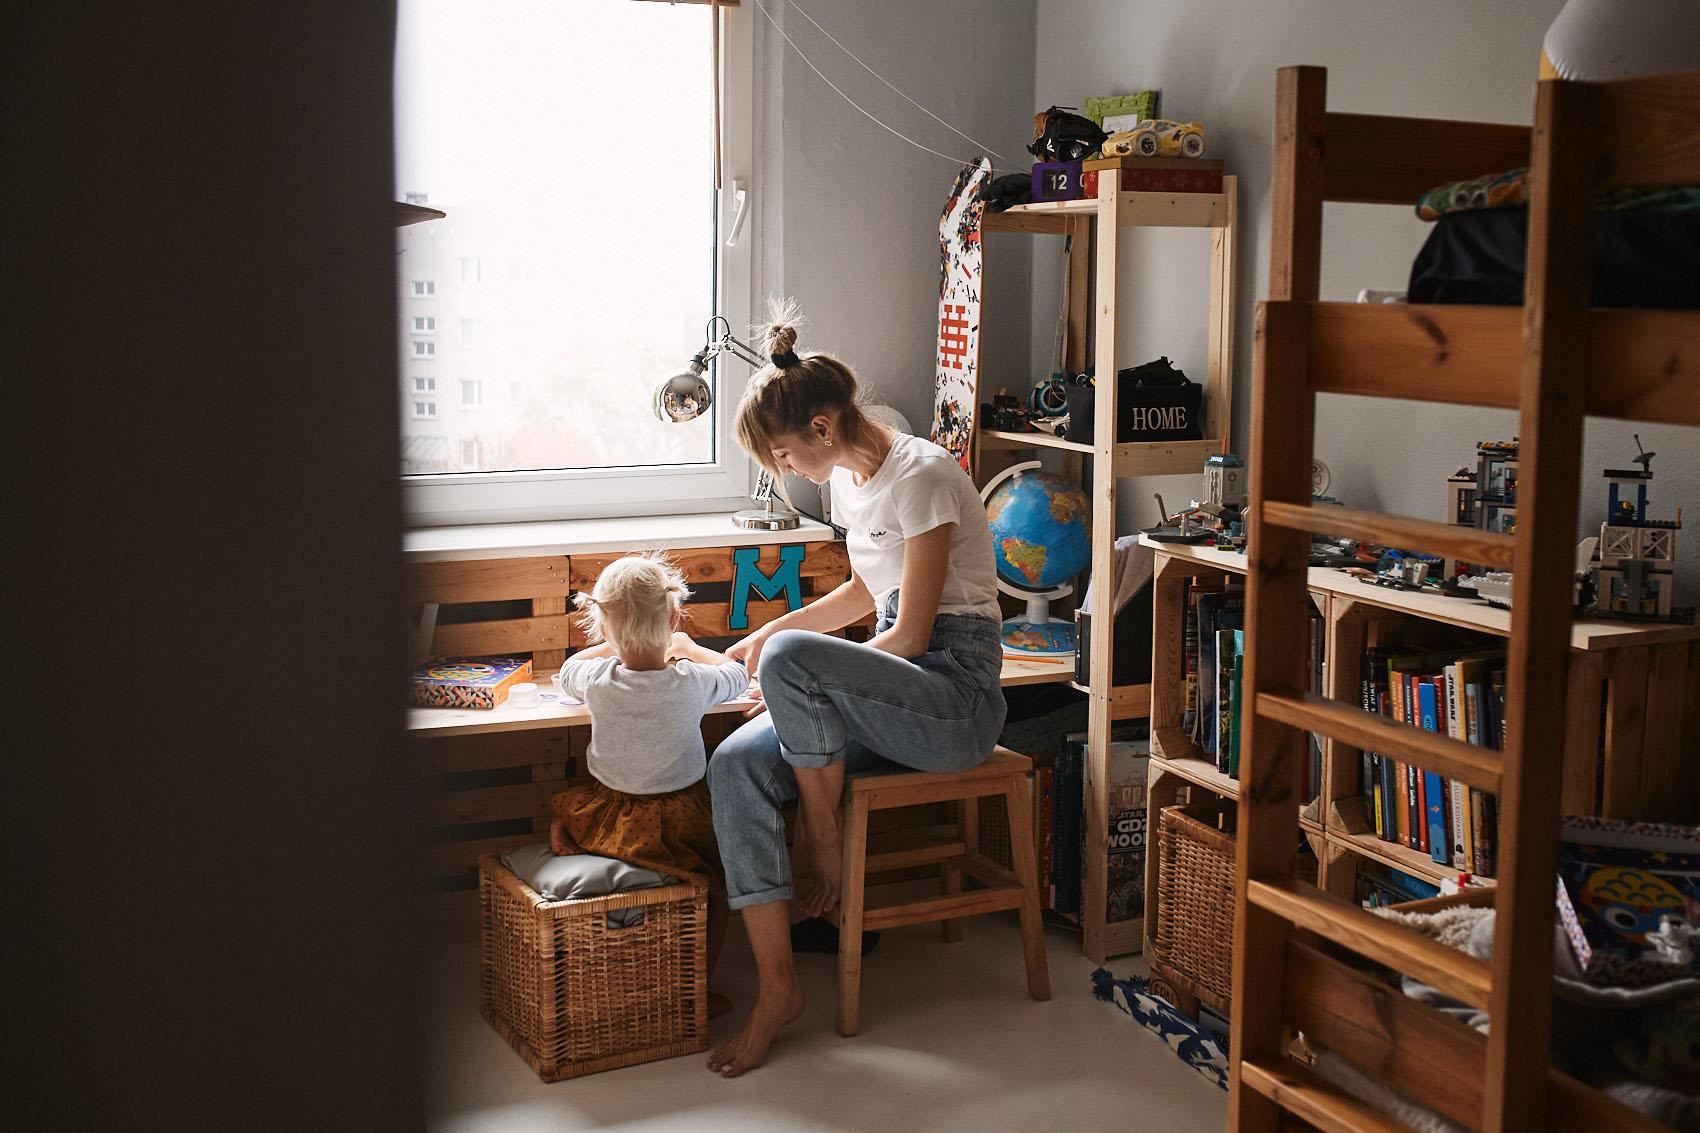 naturalne sesje rodzinne i dzieciece warszawa